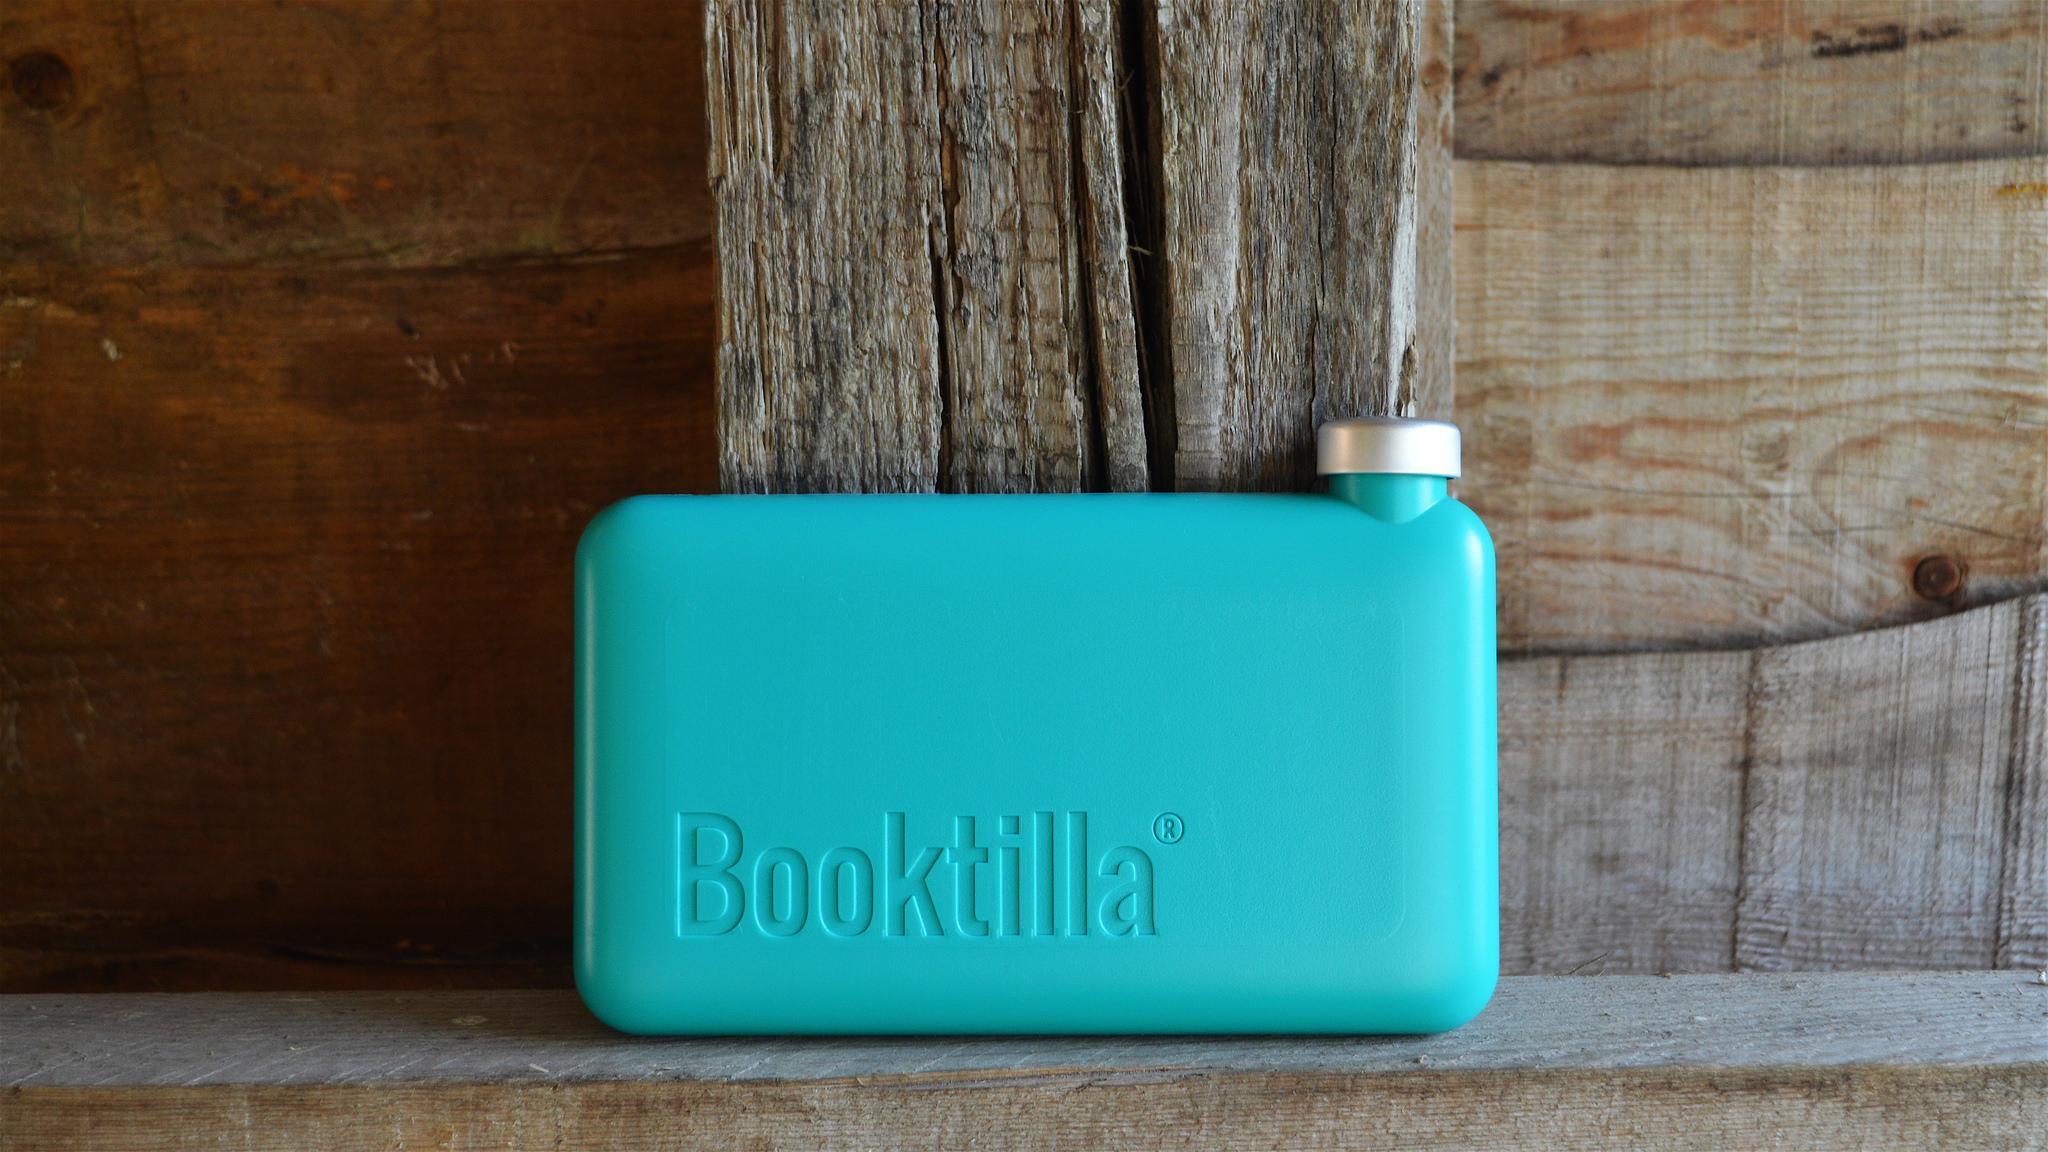 Booktilla®